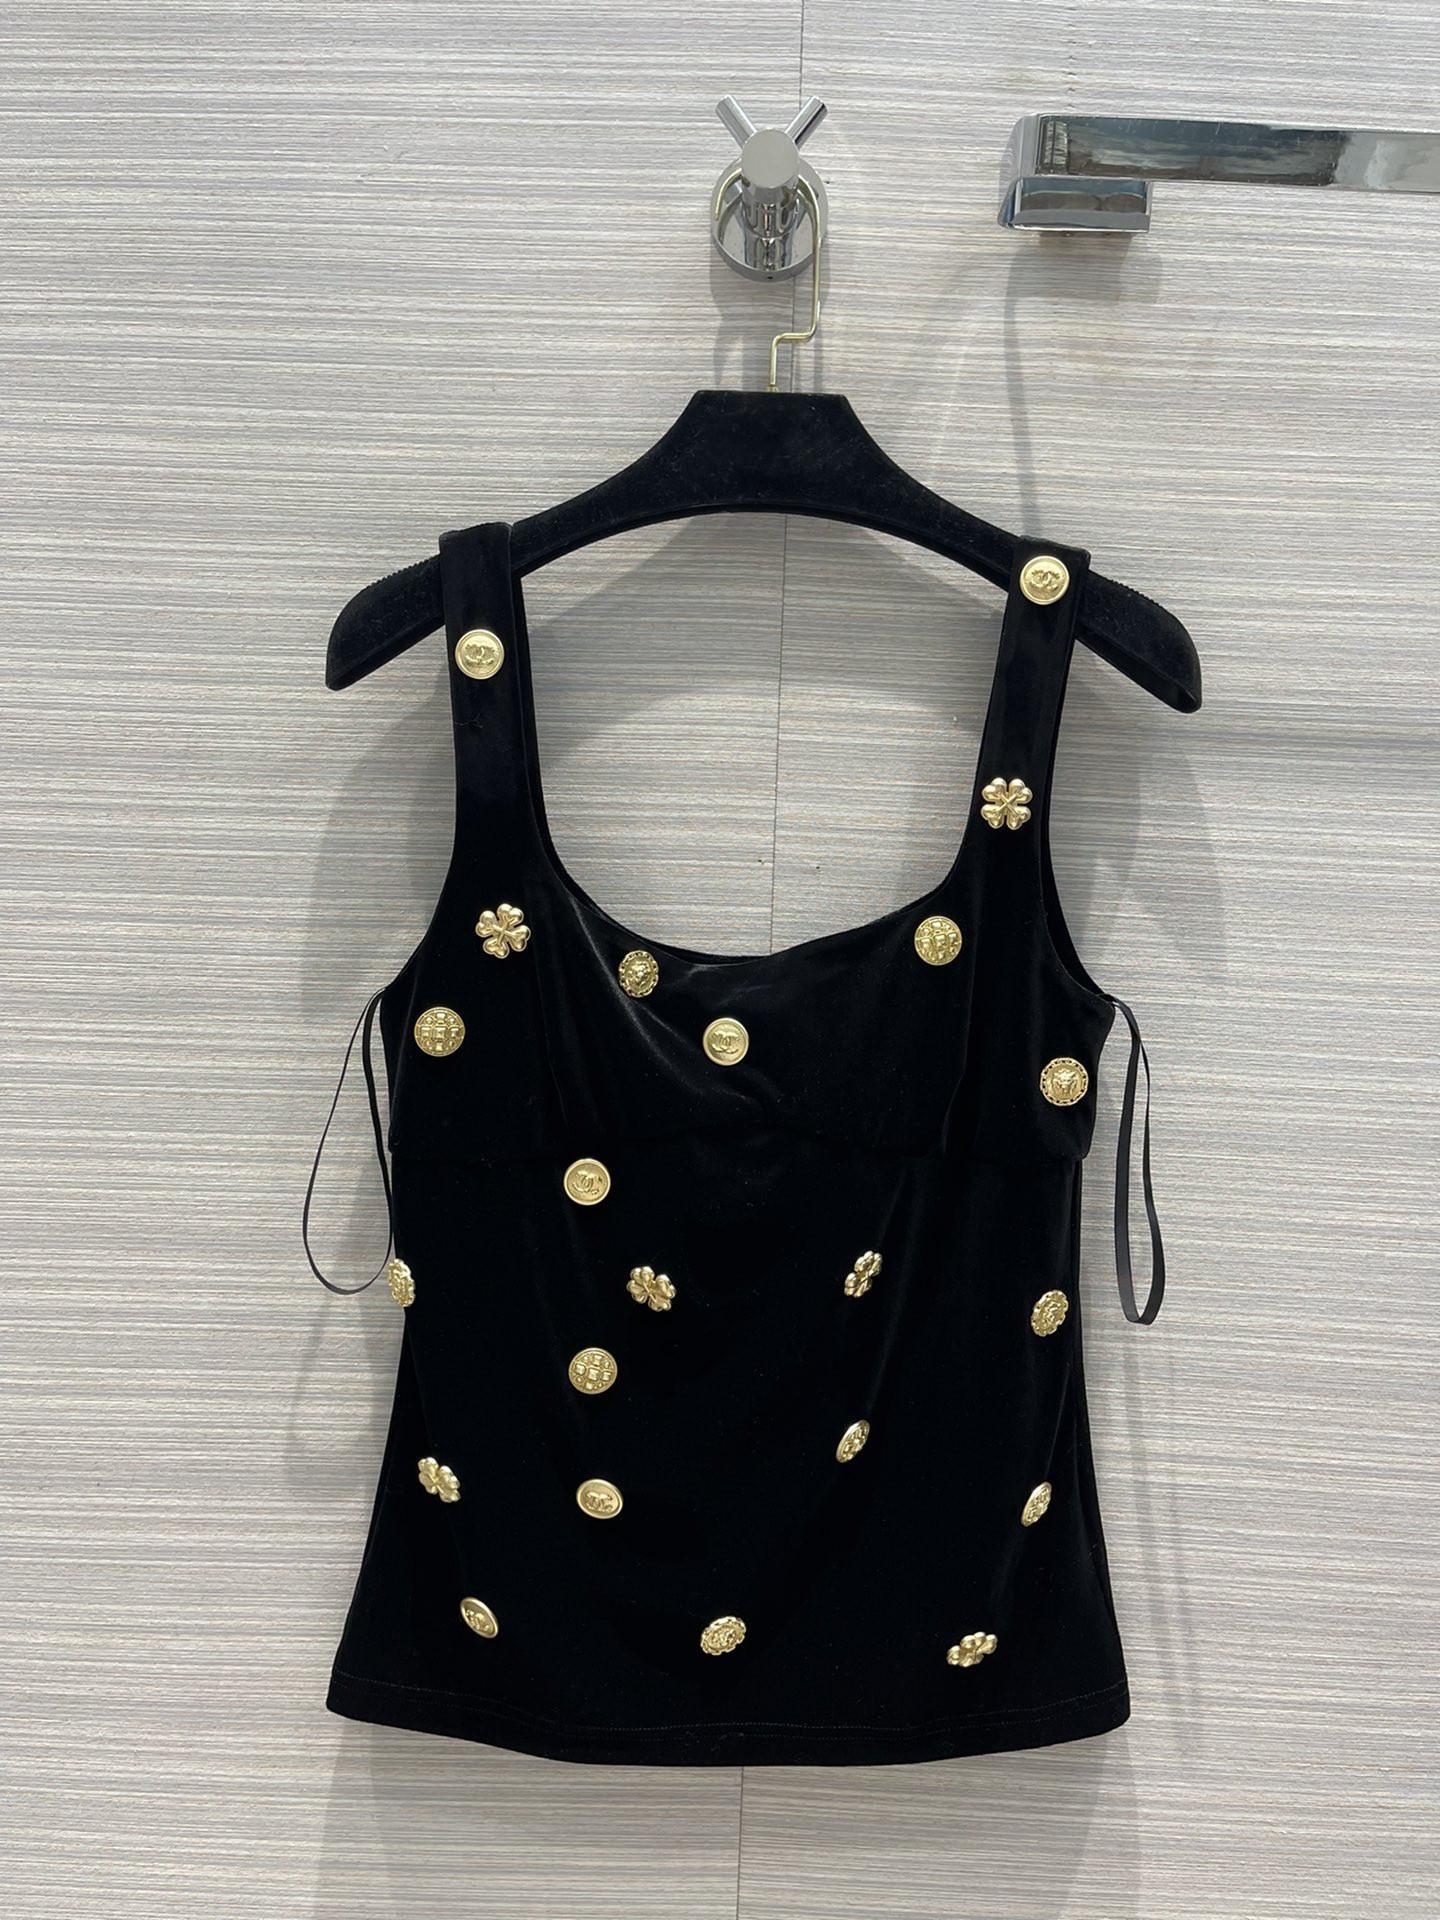 Milan Pist Ceketler 2021 Sonbahar Tank Top Panelli Boncuk Kadın Palto Tasarımcı Marka Aynı Stil Giyim 0703-26